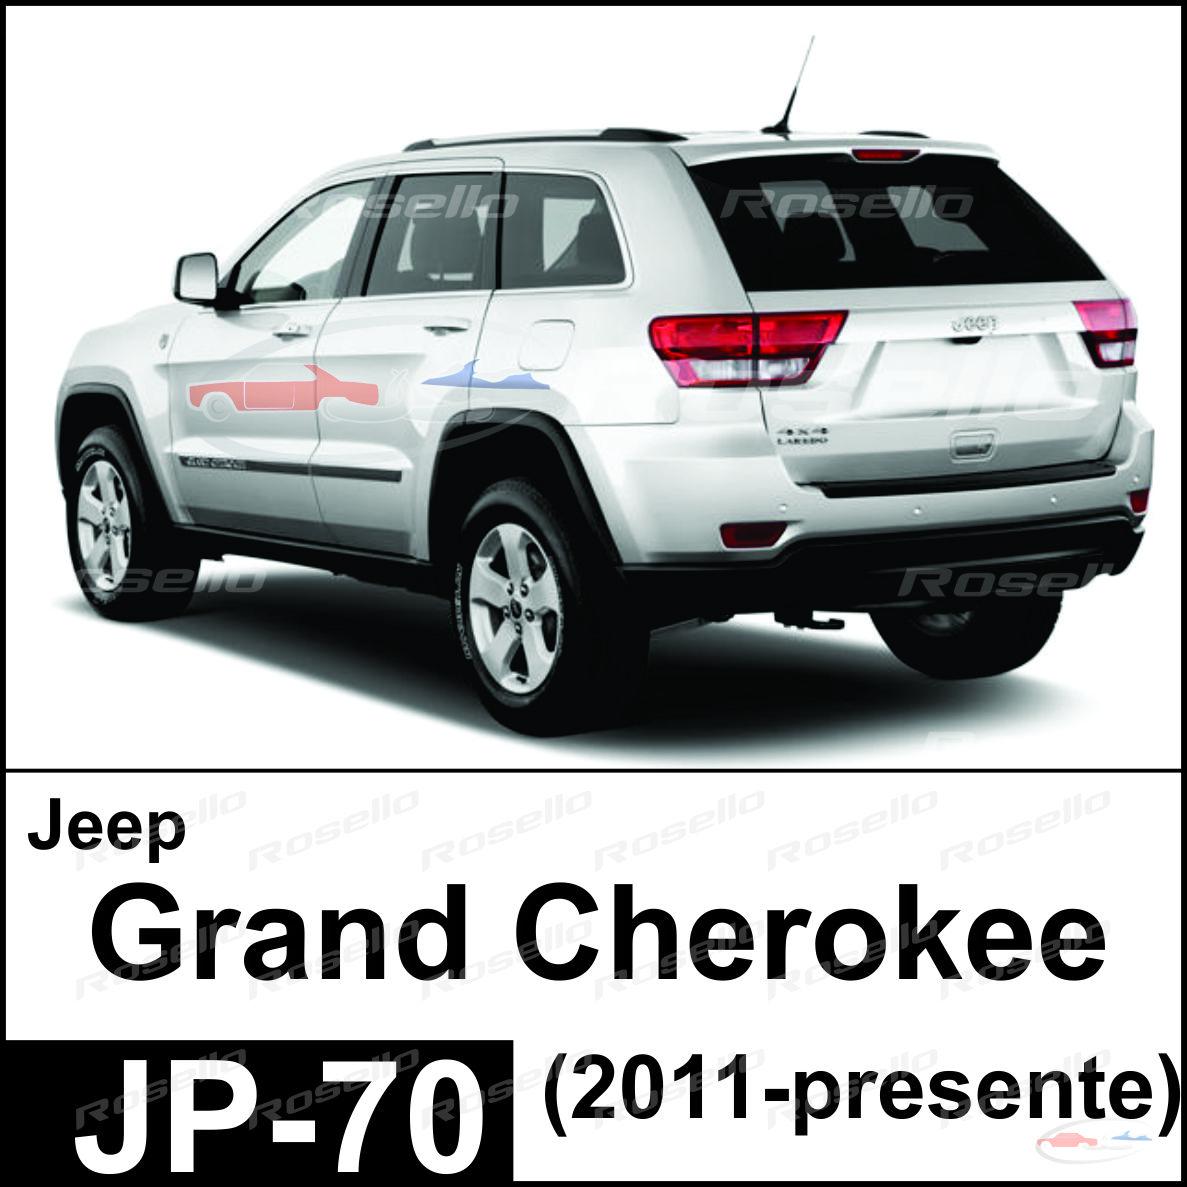 JP-070 / Grand Cherokee